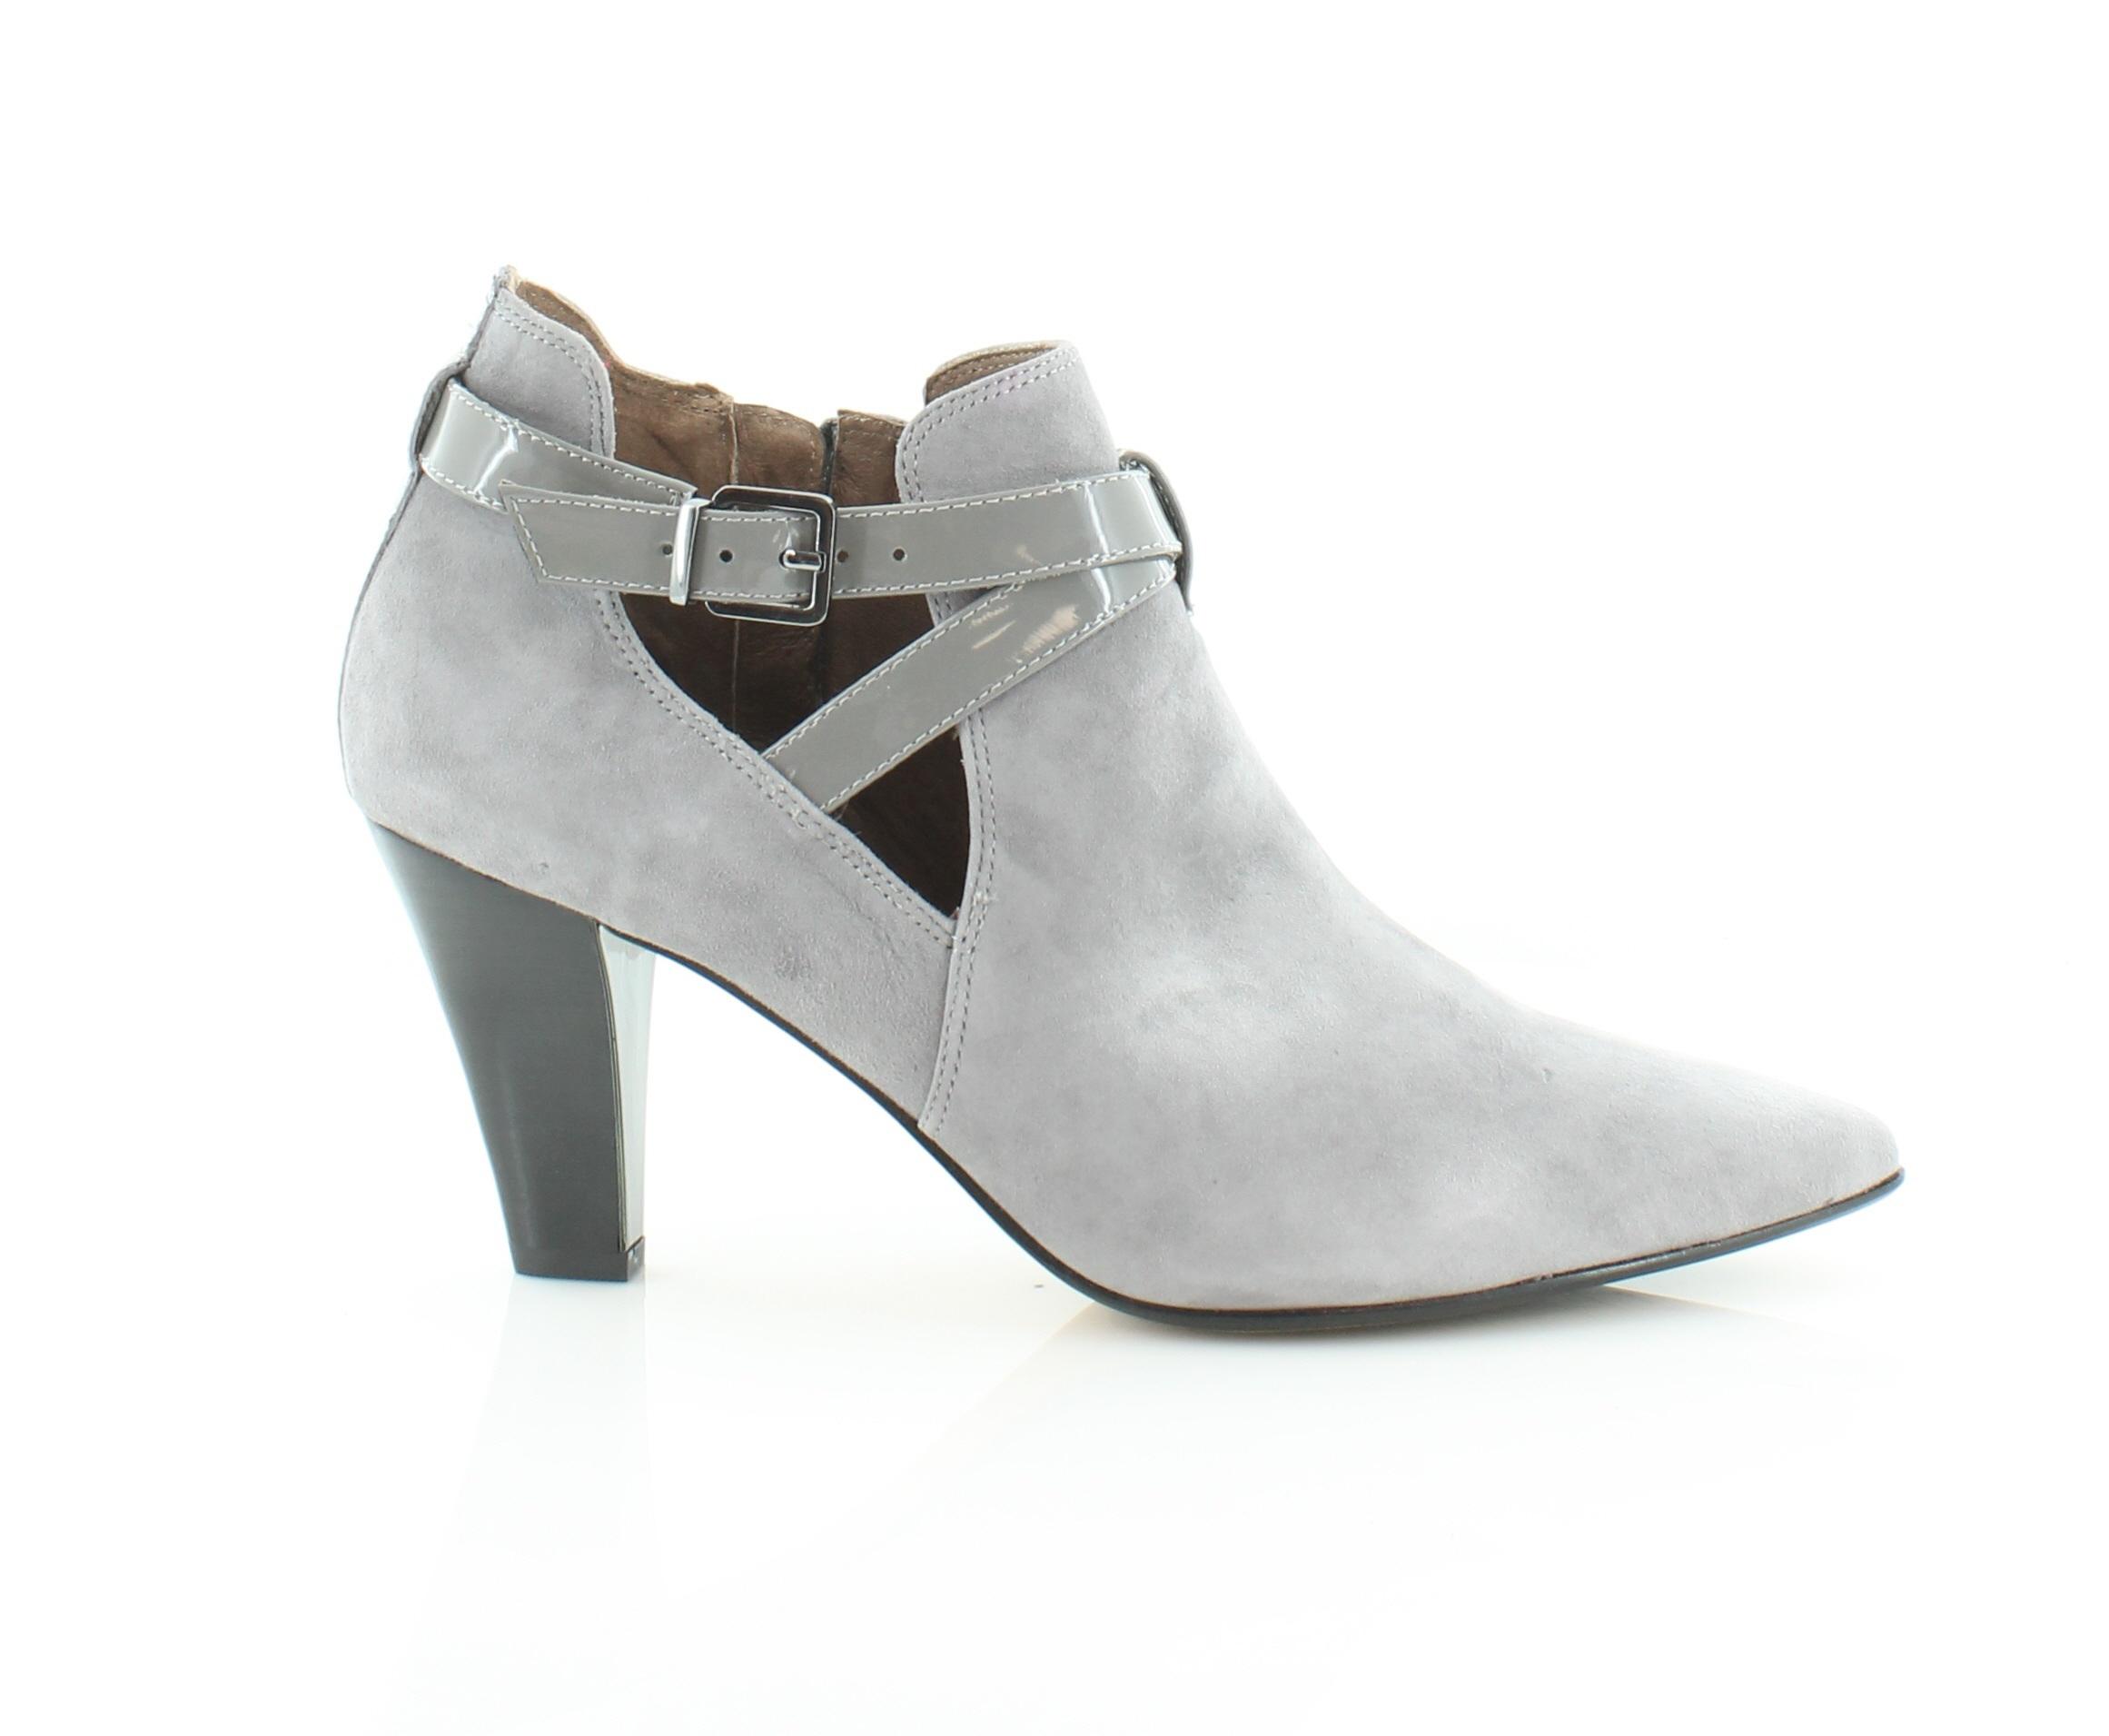 tutti i prodotti ottengono fino al 34% di sconto Donald J Pliner Tamy Donna    stivali Storm  marchi di moda